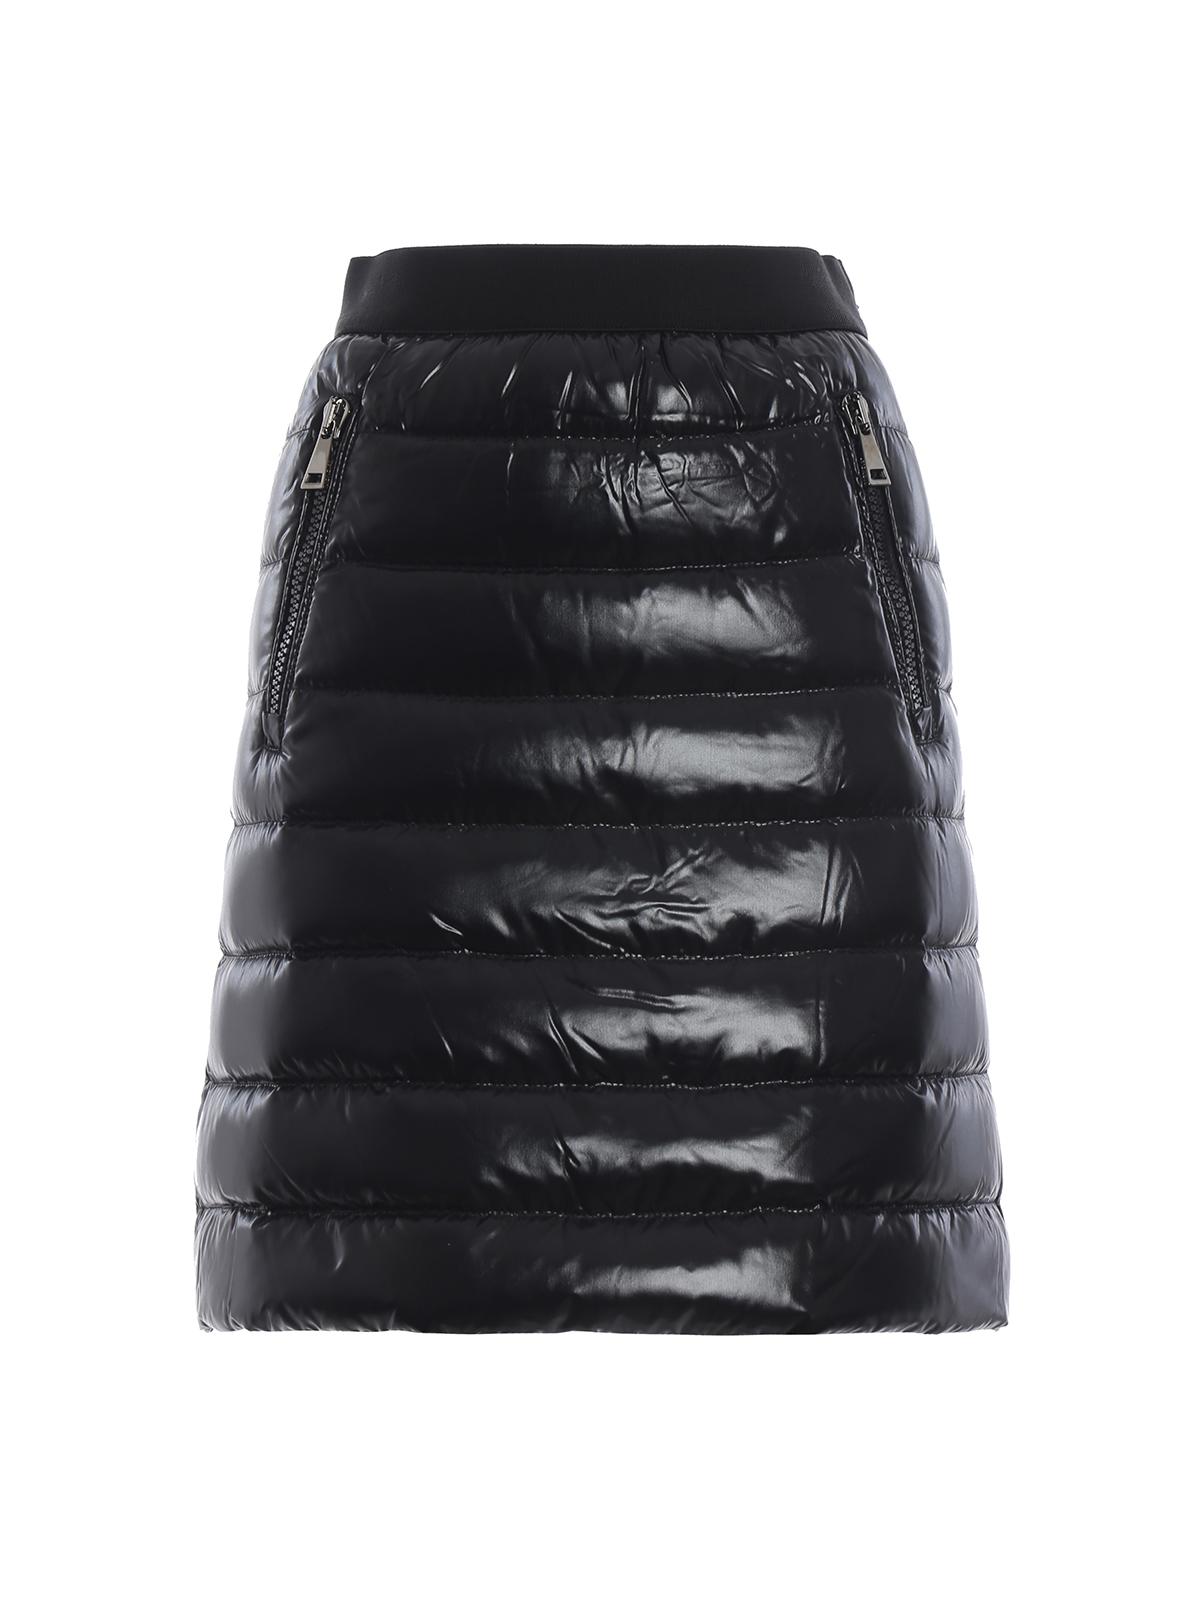 0f2d24823 Moncler - Black patent puffer mini skirt - mini skirts - D2 093 ...